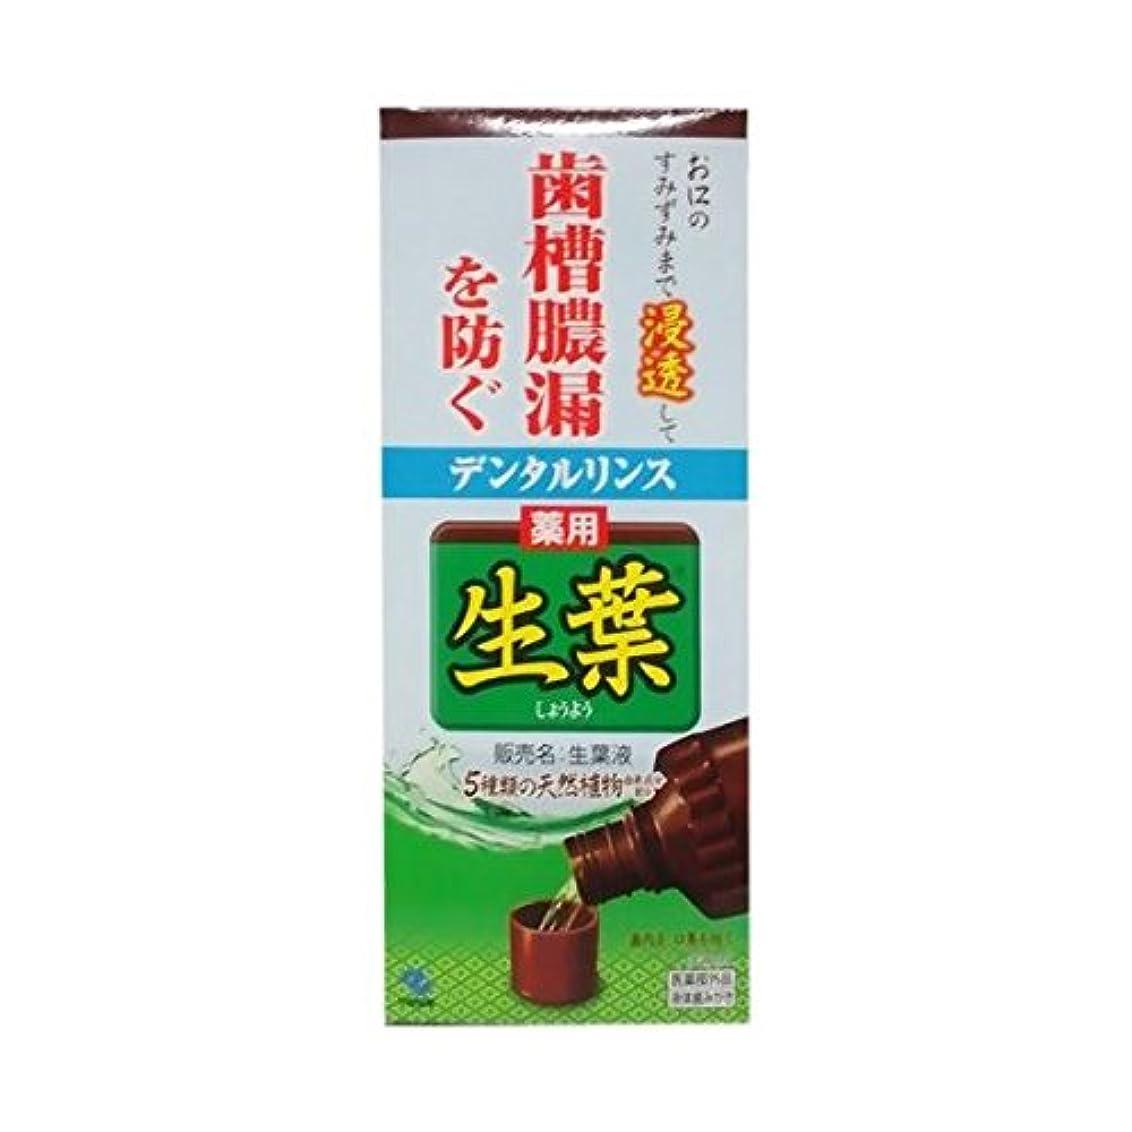 敏感な蛾受け入れる【お徳用 3 セット】 薬用 生葉液 330ml×3セット